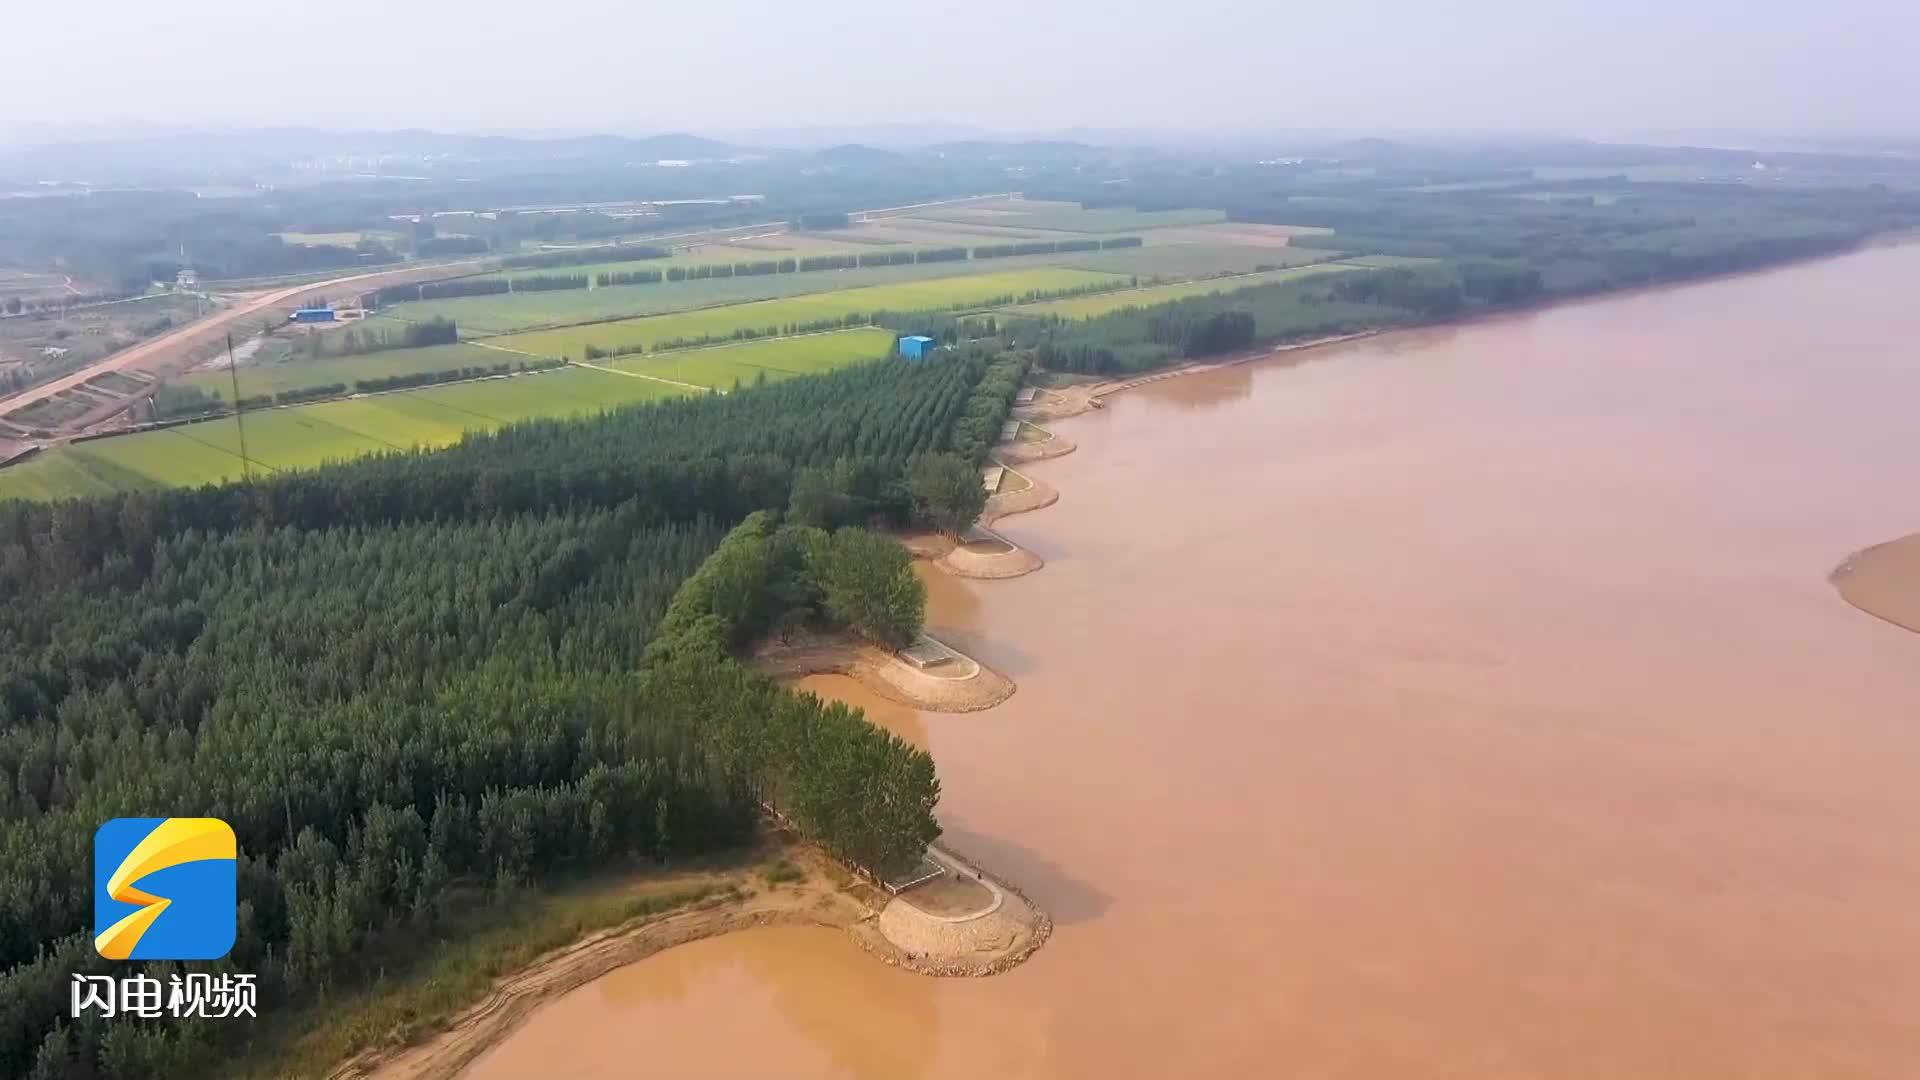 【沿着高速看山东】济东高速:行走黄河看巨变